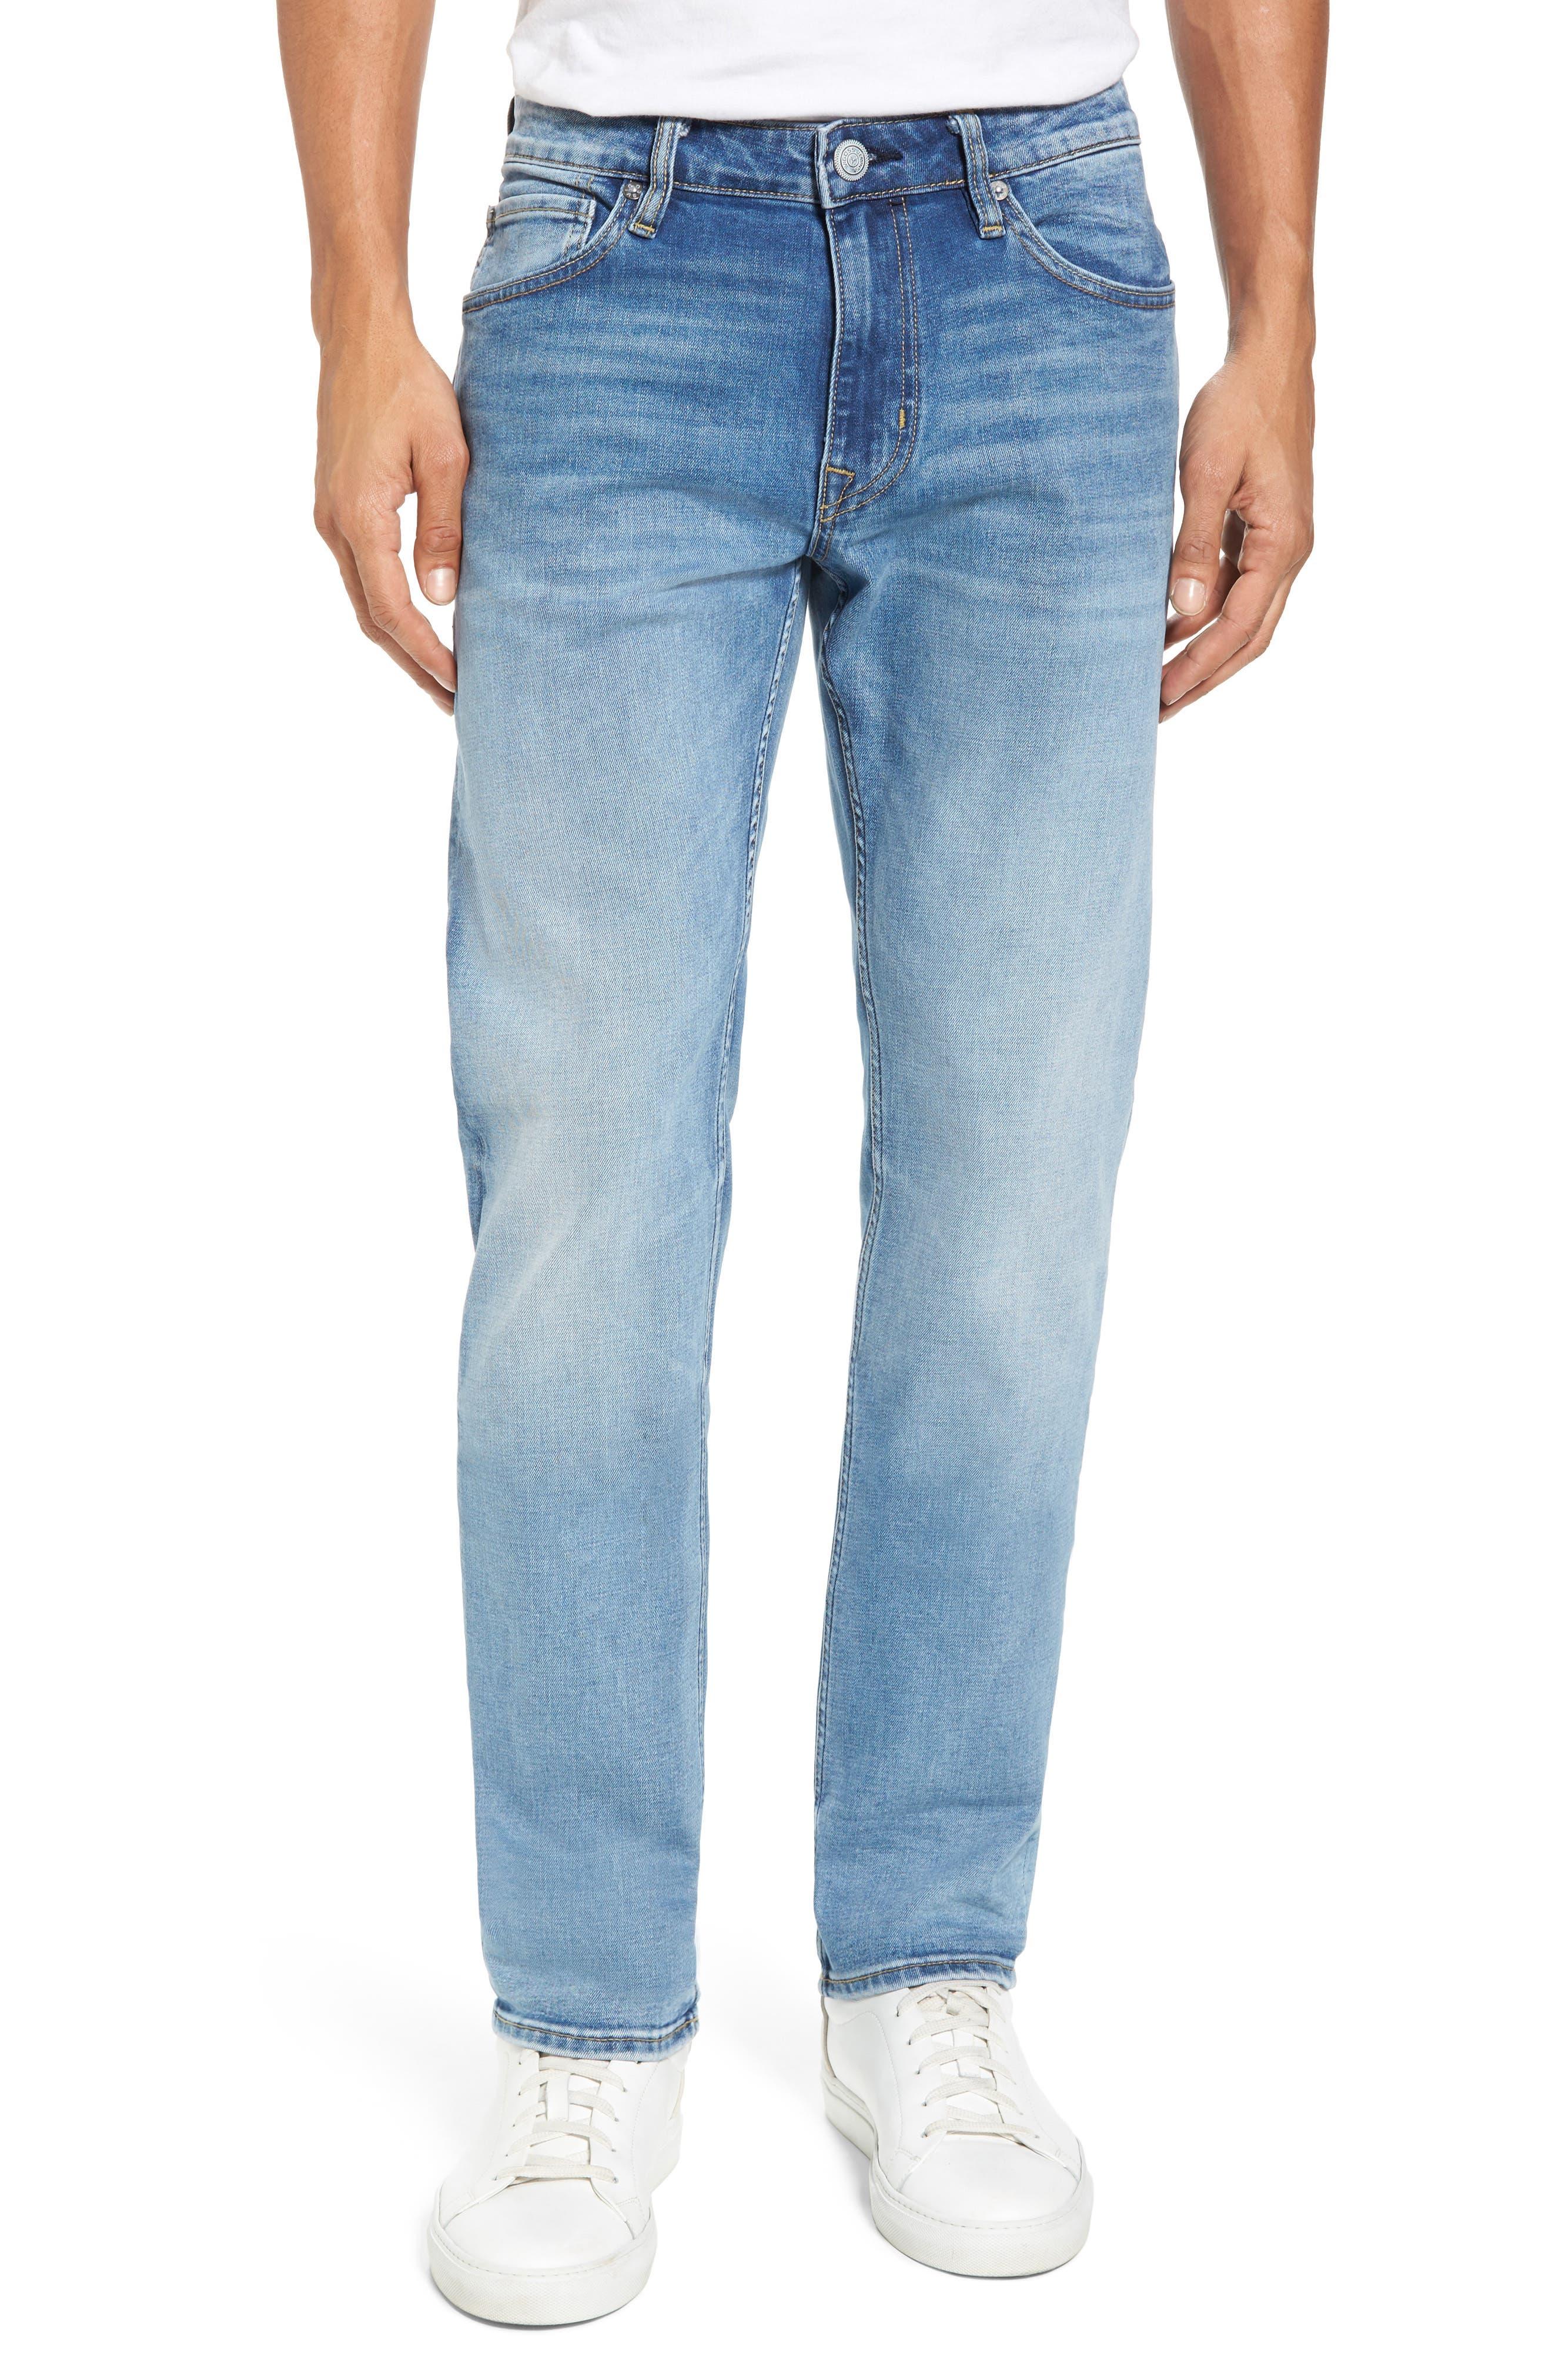 Alternate Image 1 Selected - Vigoss Slim Straight Leg Jeans (Light Wash)